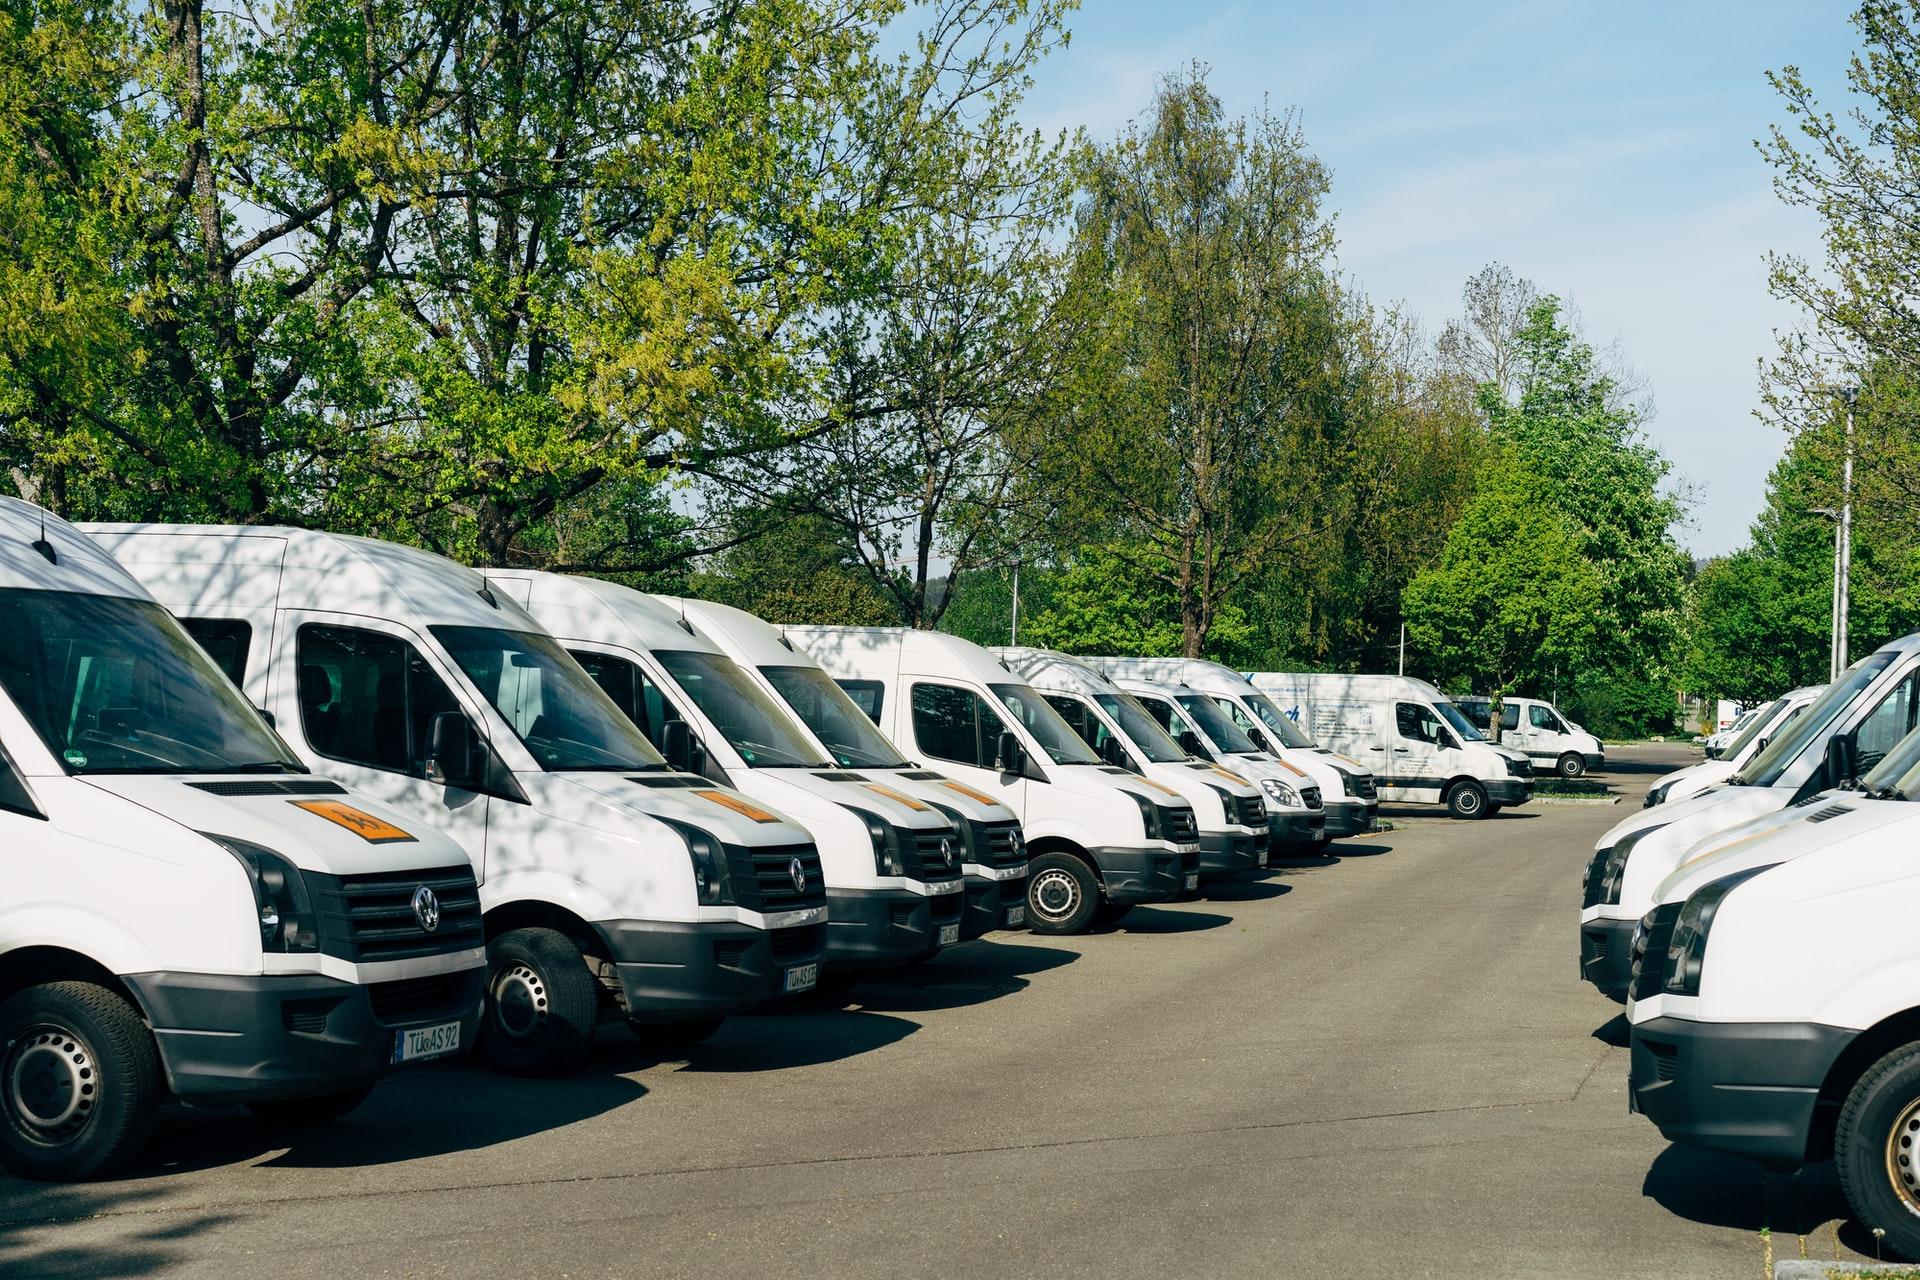 Parkplatz mit Schulbüssen in einer Reihe